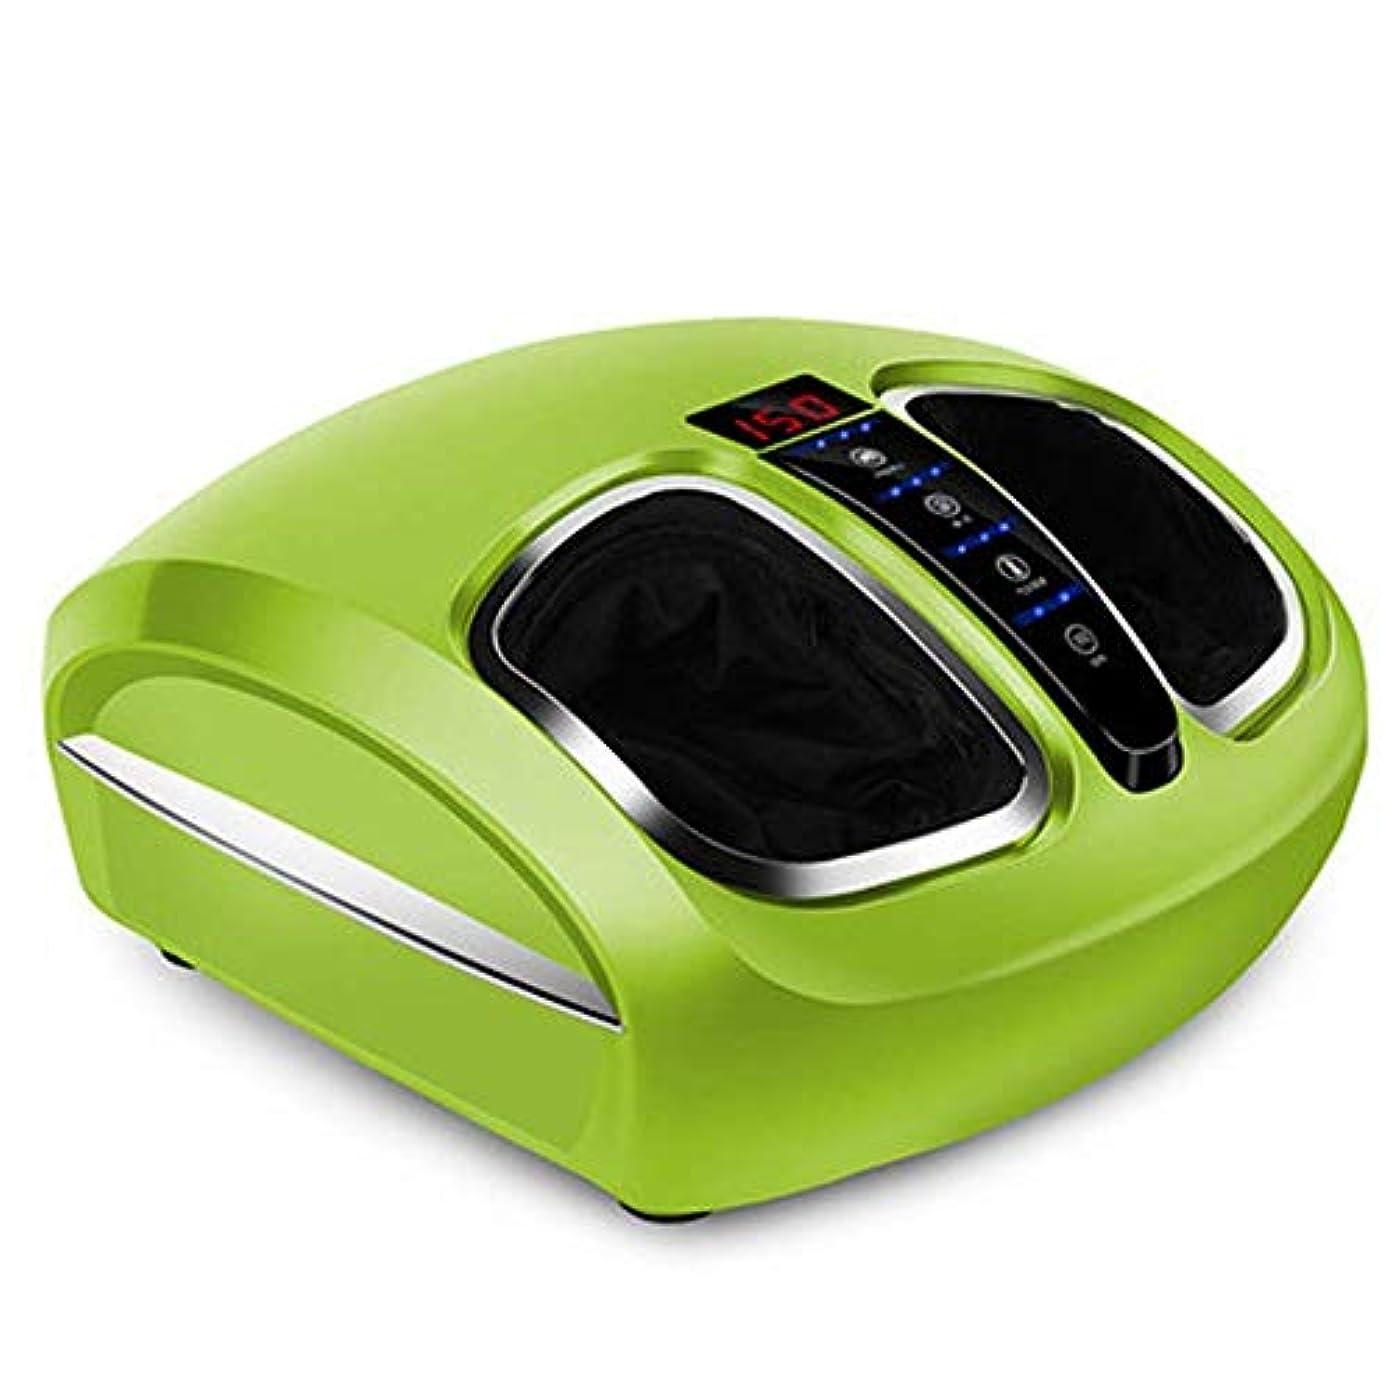 マリナー使用法専門用語熱を備えた電気フットマッサージ機、循環用のマッサージャースパマシンディープニーディングローリング指圧